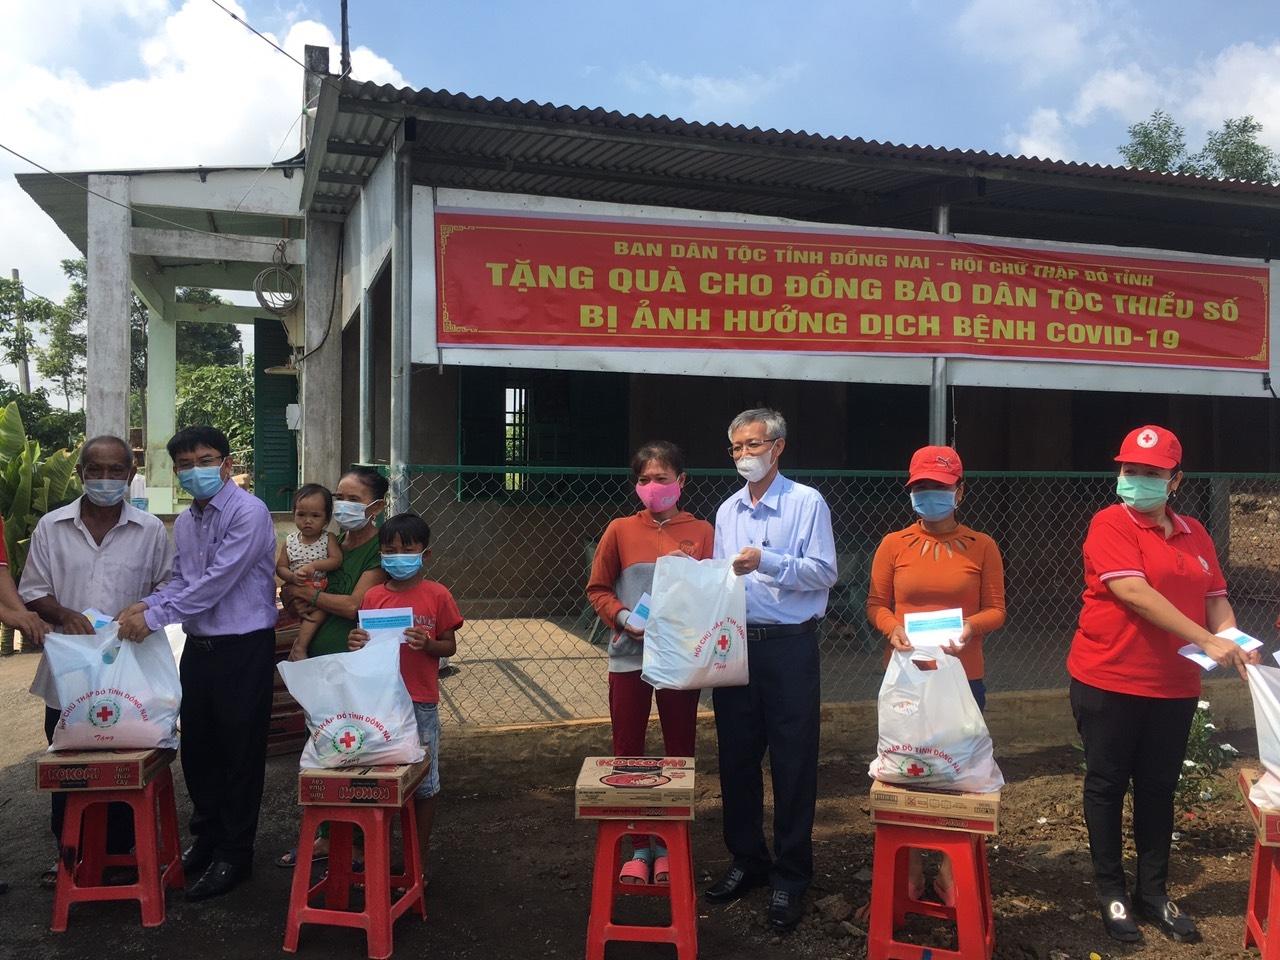 Lãnh đạo Ban Dân tộc tỉnh Đồng Nai và Hội Chữ thập đỏ tỉnh đến thăm, tặng quà cho đồng bào dân tộc Chơ Ro